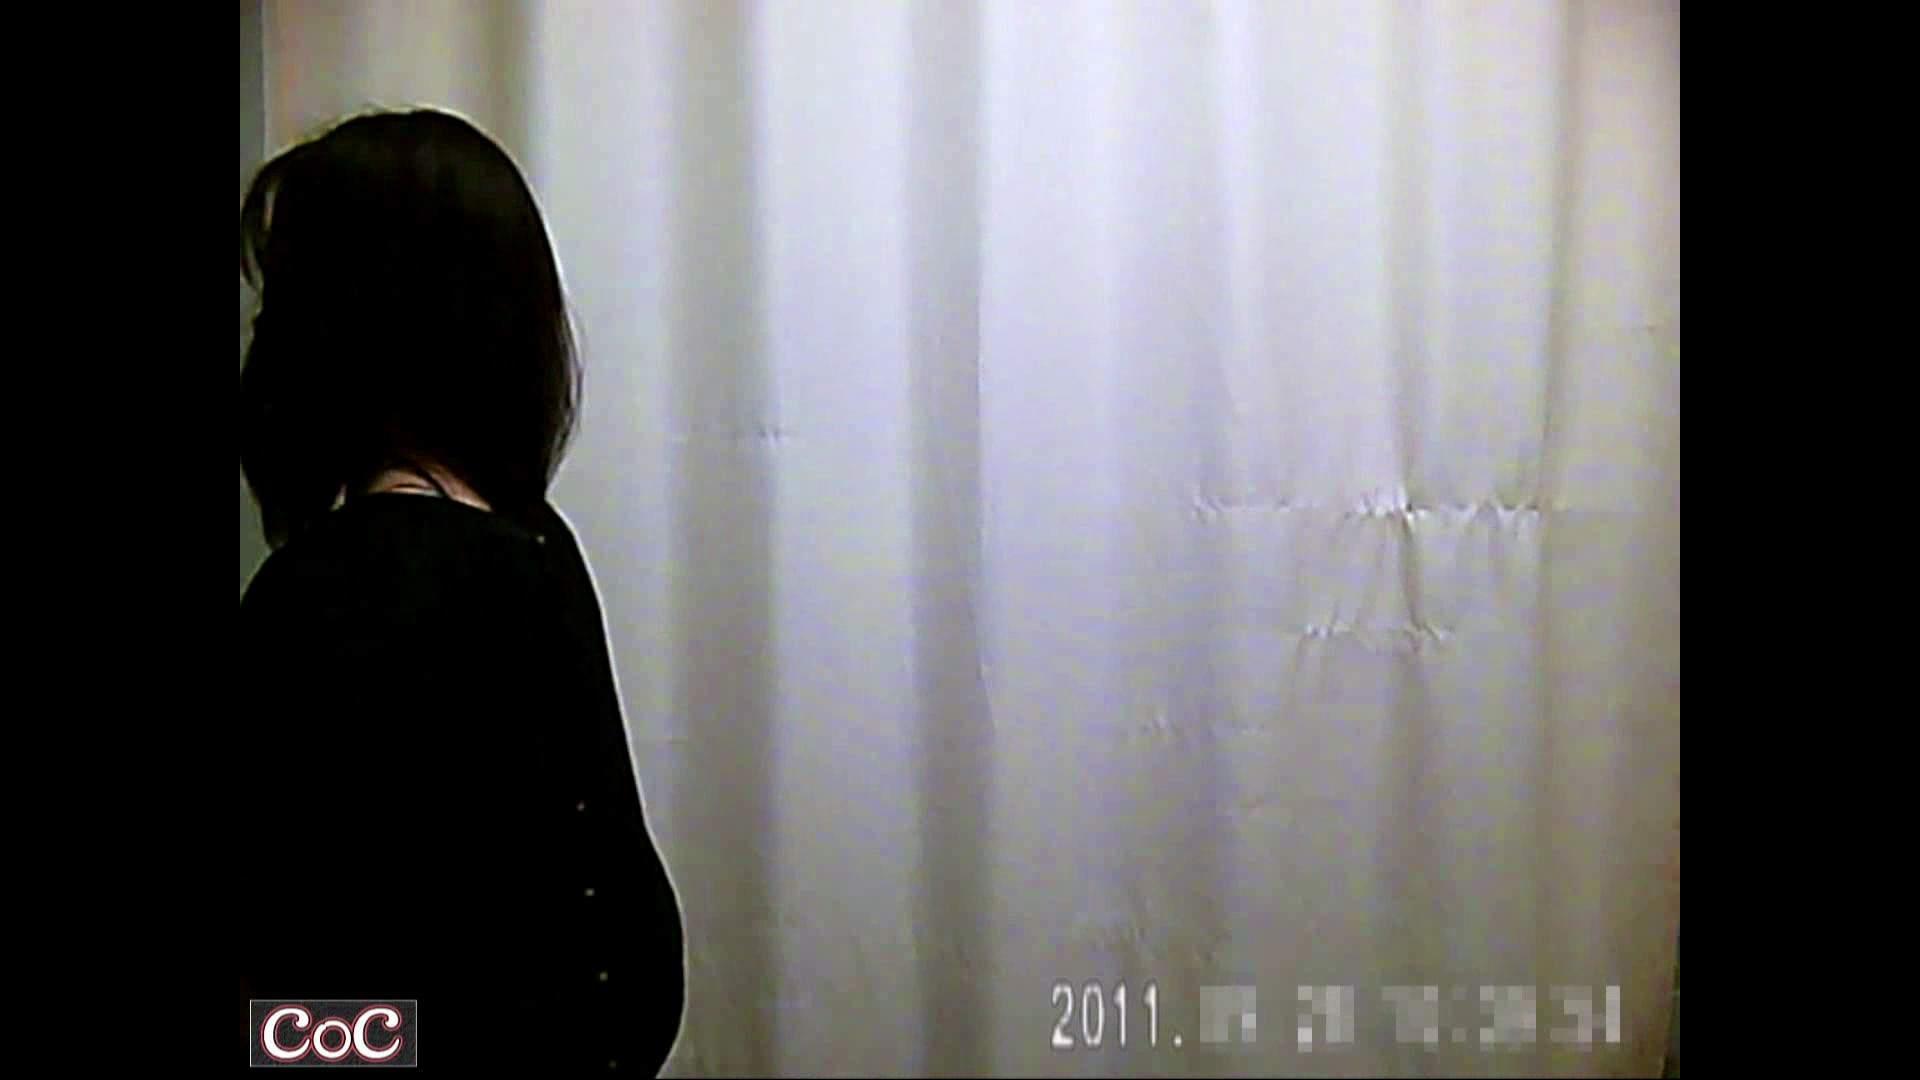 病院おもいっきり着替え! vol.41 エロいOL すけべAV動画紹介 102枚